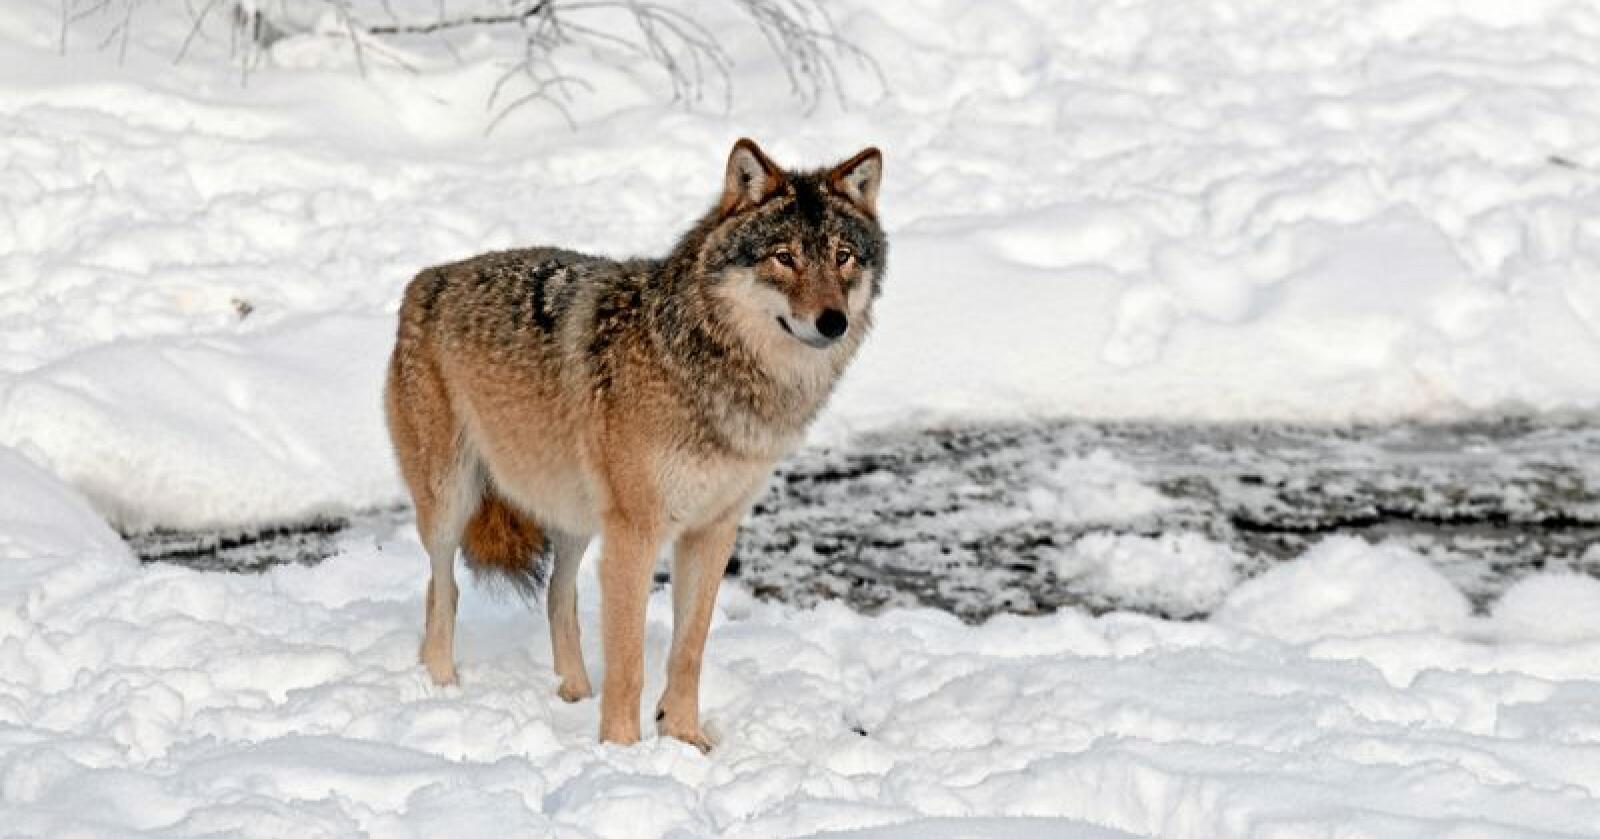 Folk som er berørt av ulv, vil føle en voksende avstand og avmakt mot de som forvalter, skriver Marius Røer Andresen. Foto: Felix Andre Skulstad / Mostphotos